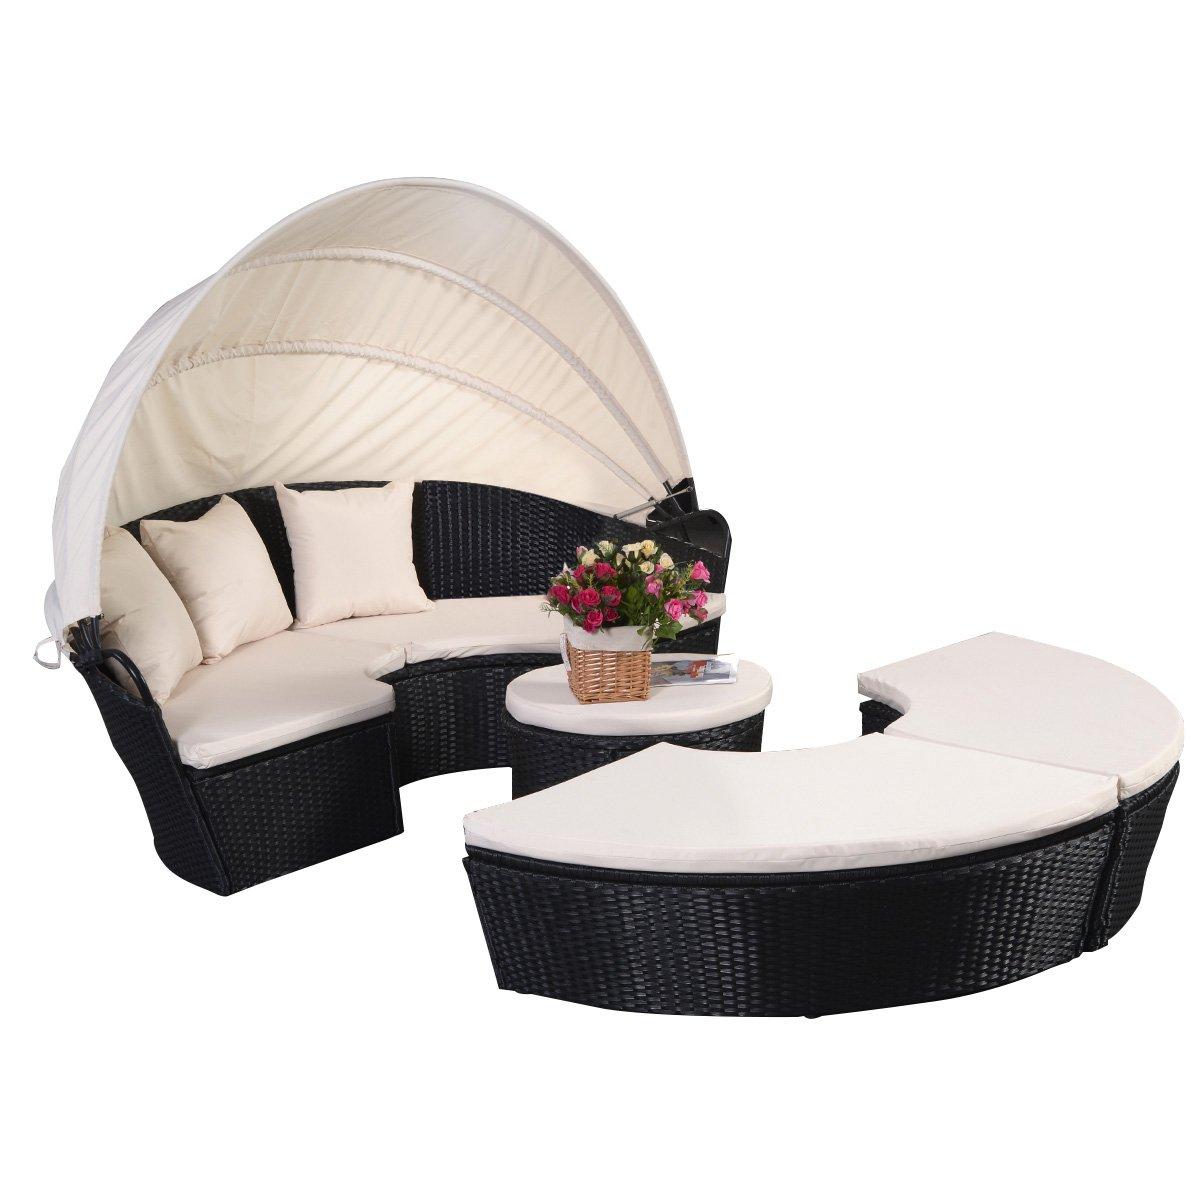 Sonneninsel Sonnenliege Strandkorb Polyrattenliege Rattan Lounge Rattenbett Gartenliege GartenmöbelSitzgarnitur mit Sitzauflage Sonnendach